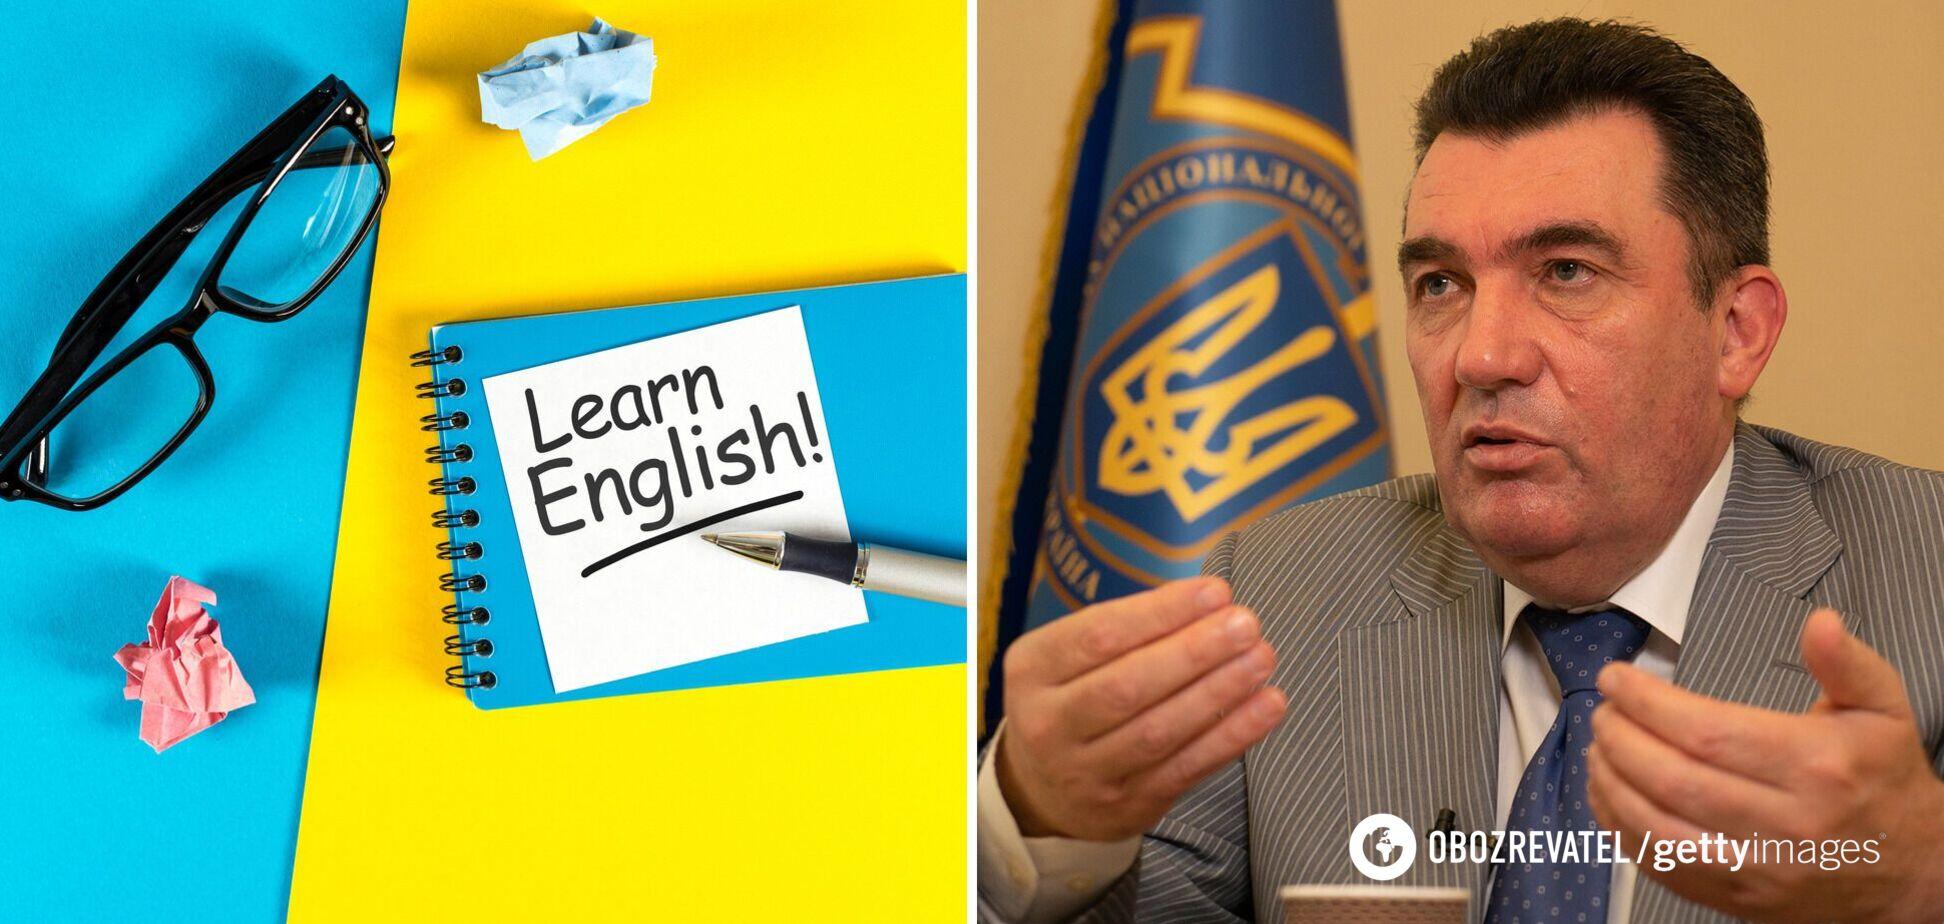 Другою мовою в Україні має бути англійська, – Данілов